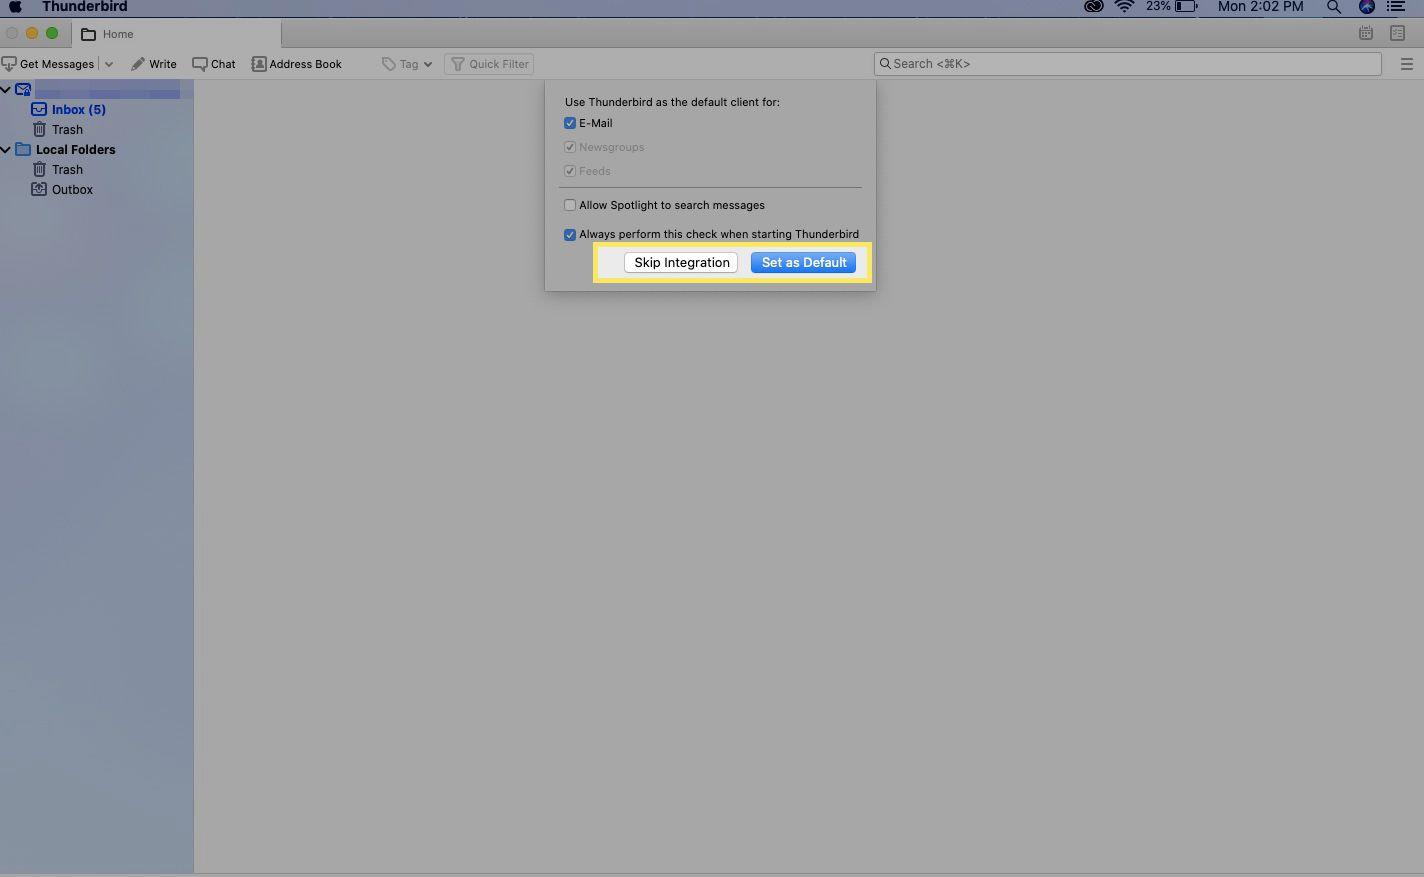 Select Set as Default or Skip Integration.